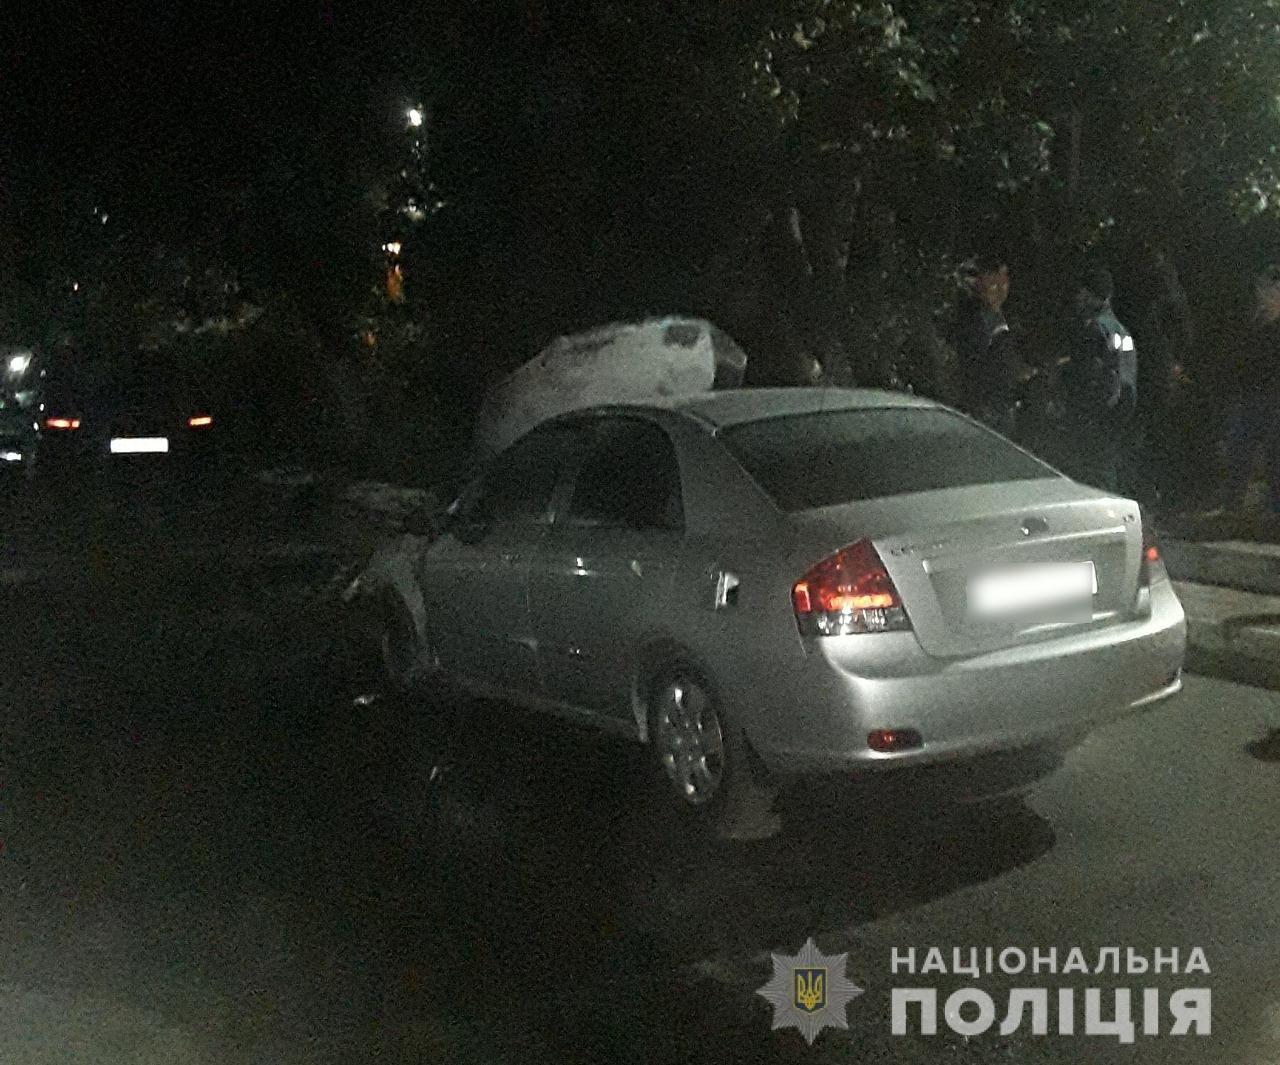 Под Киевом подожгли авто сотрудника СМИ - ФОТО, фото-1